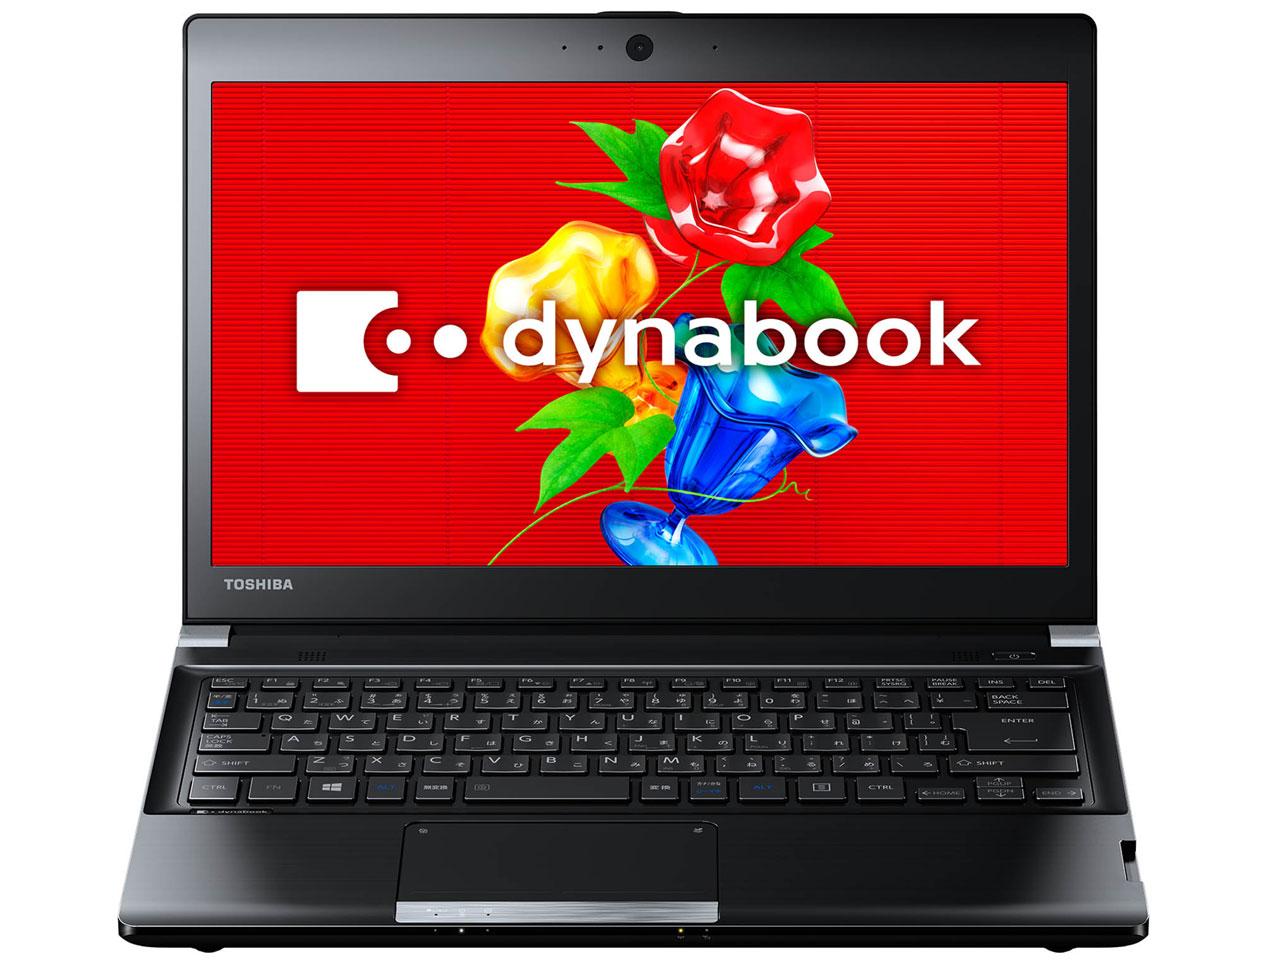 dynabook R73